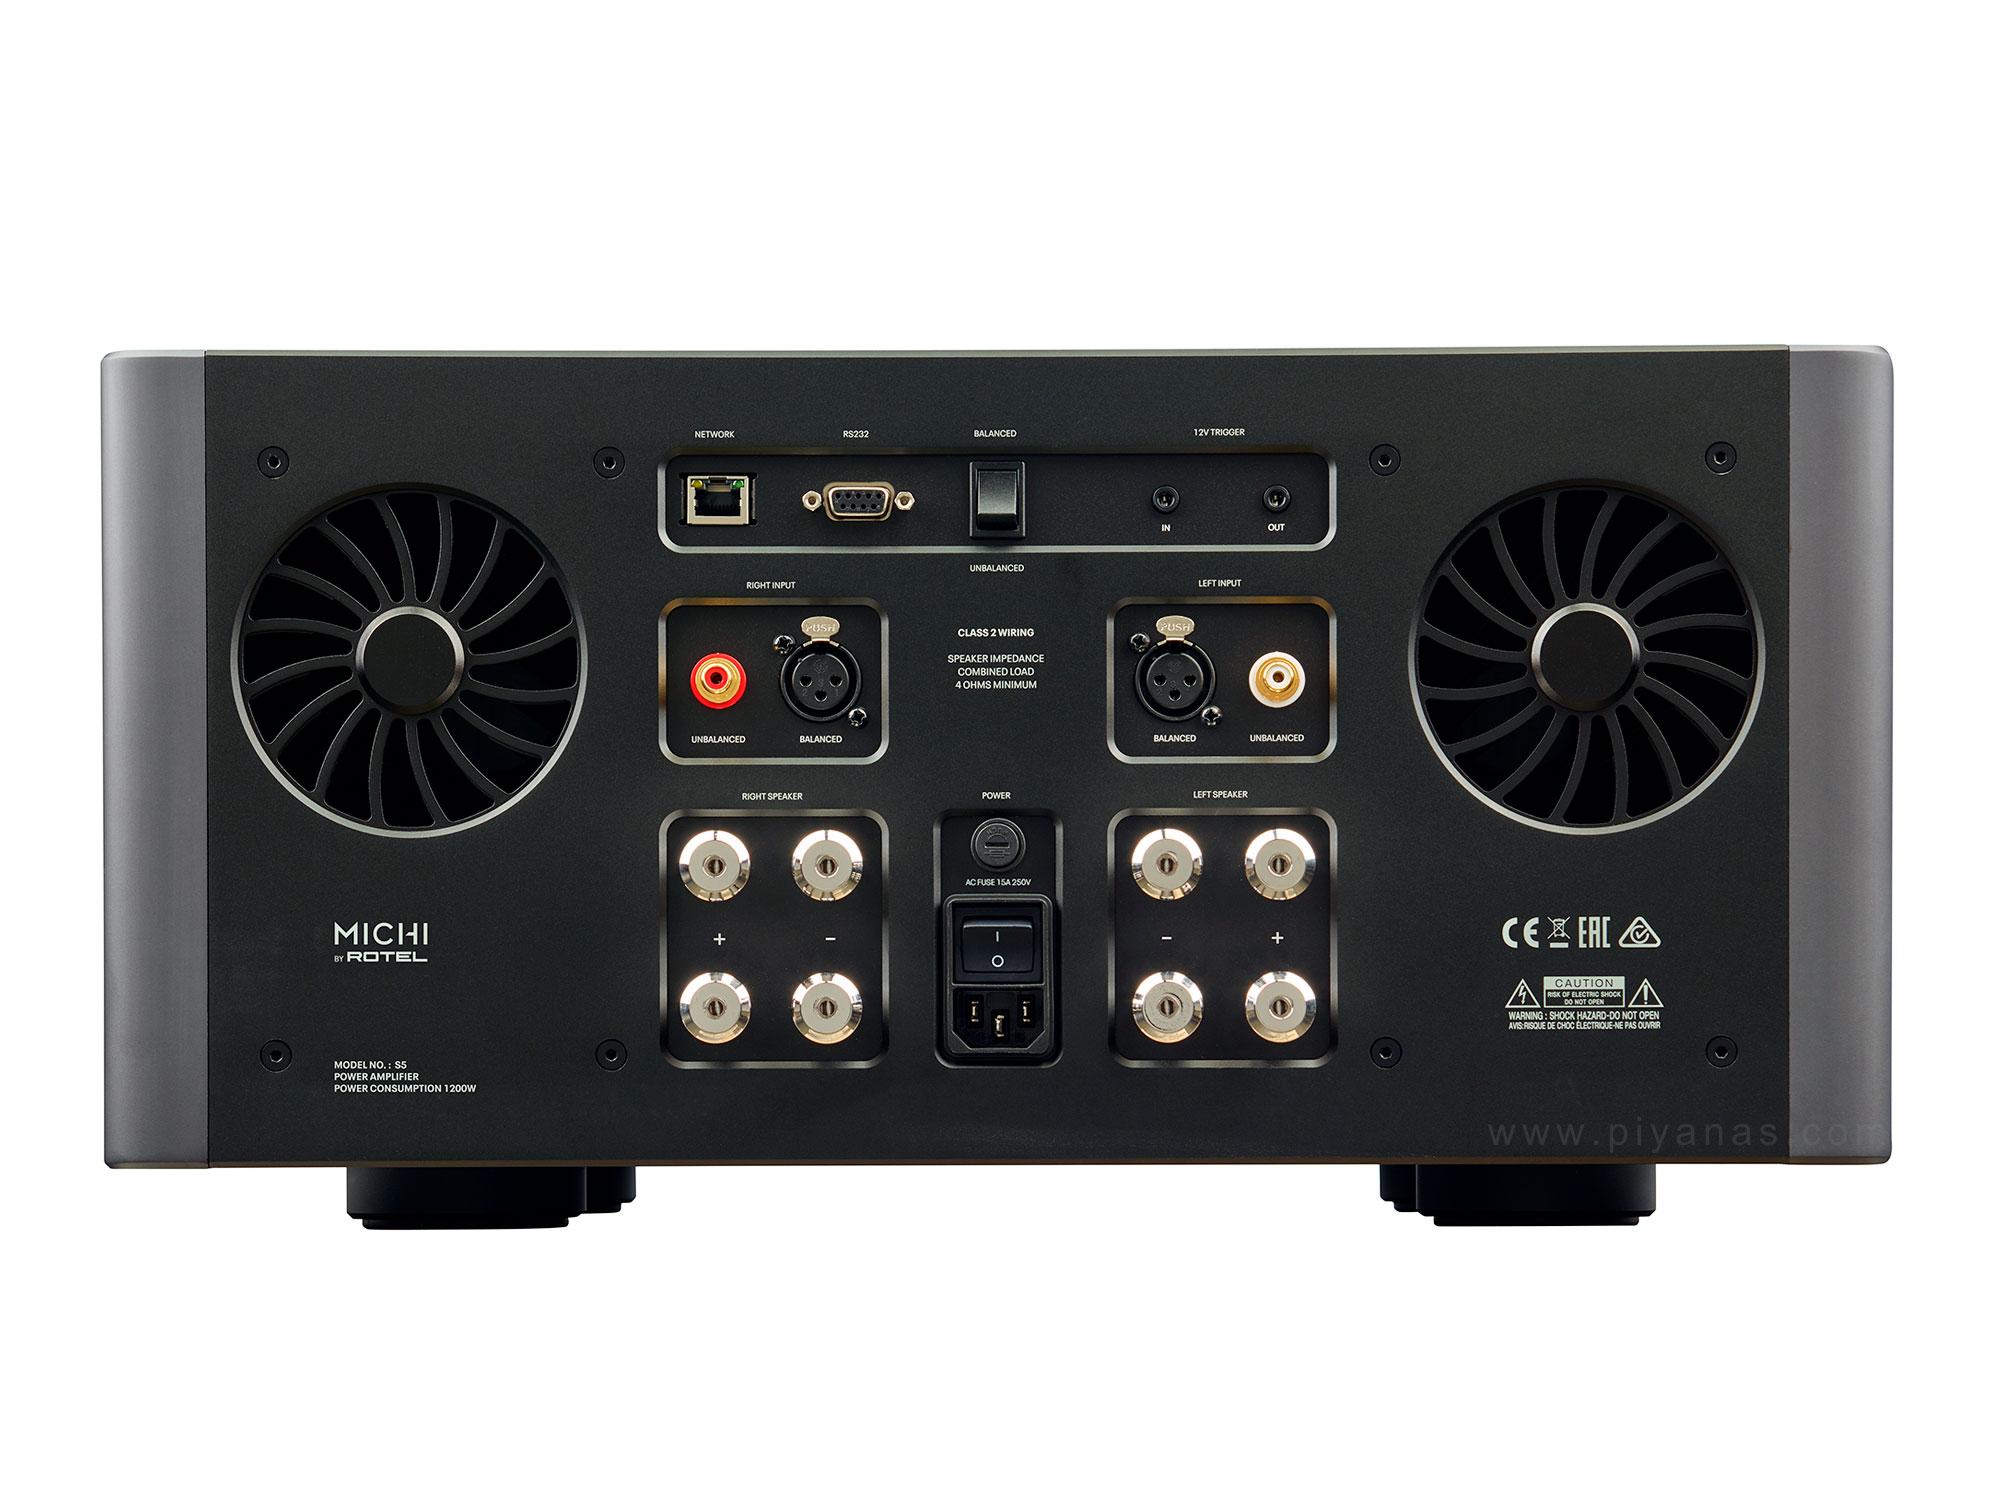 S5 (Stereo Power Amp)